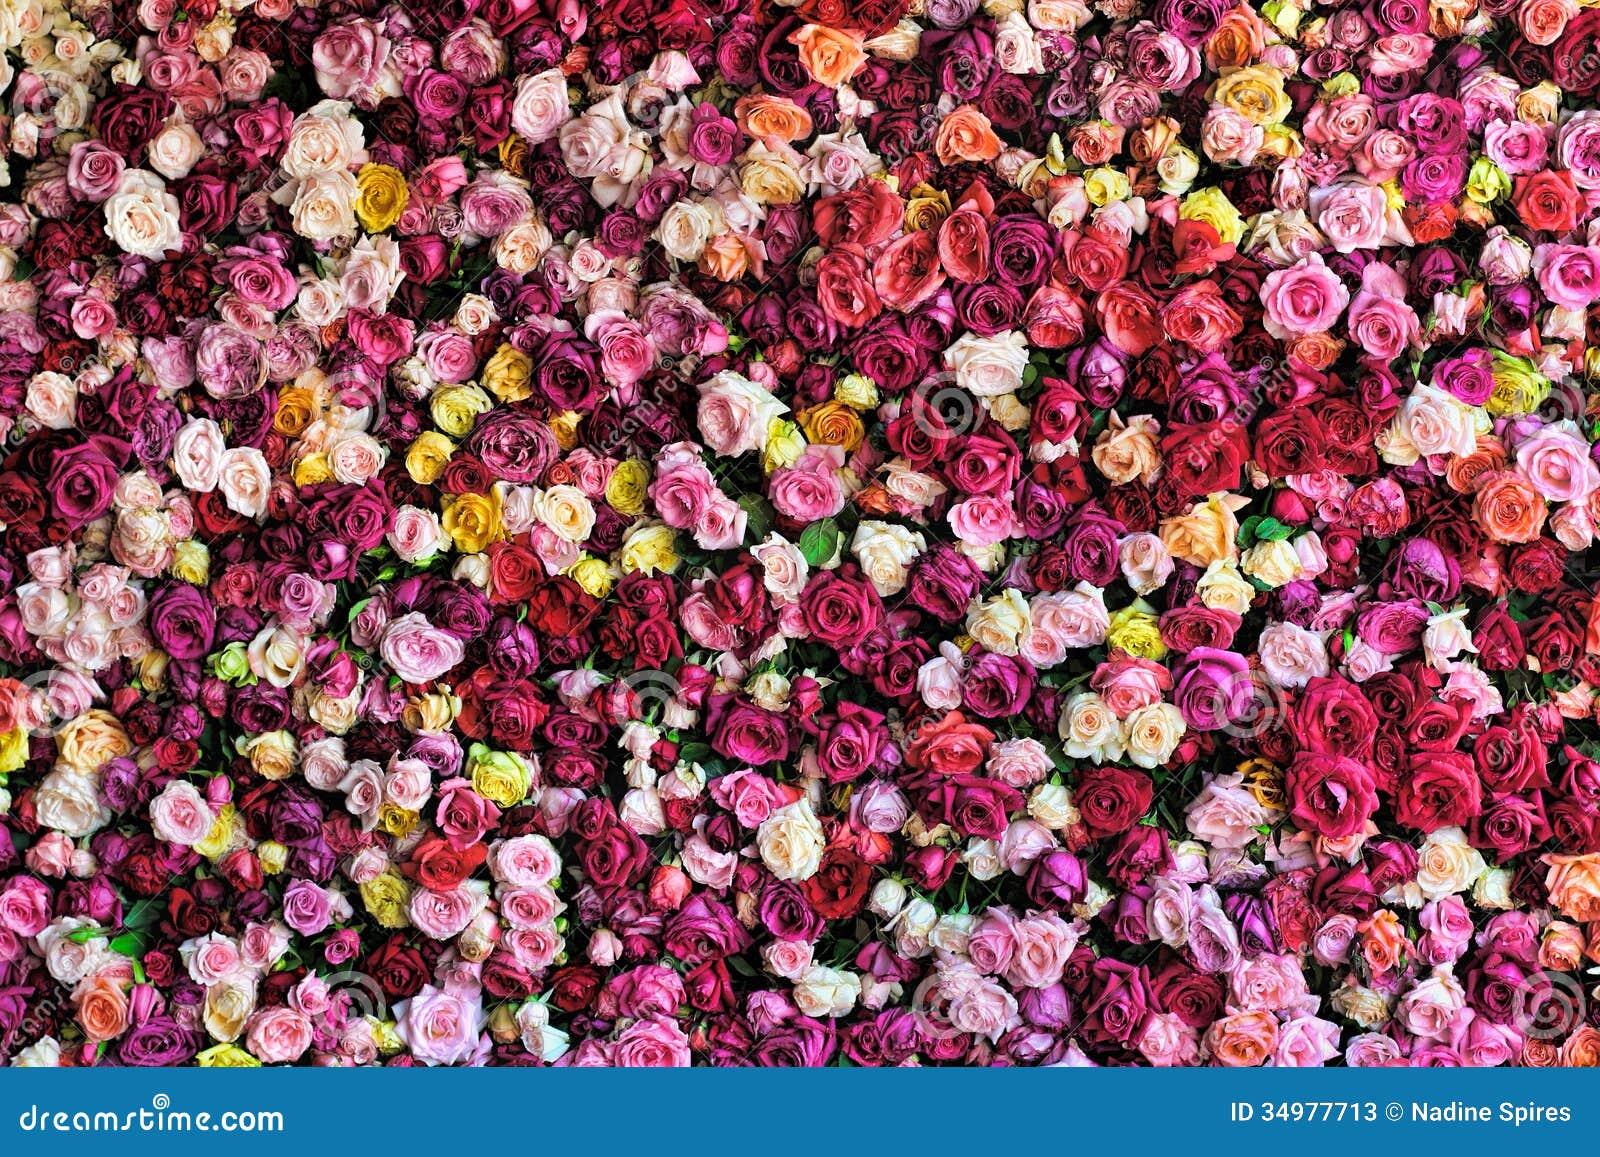 bunte rose background stockbild bild von hintergrund 34977713. Black Bedroom Furniture Sets. Home Design Ideas